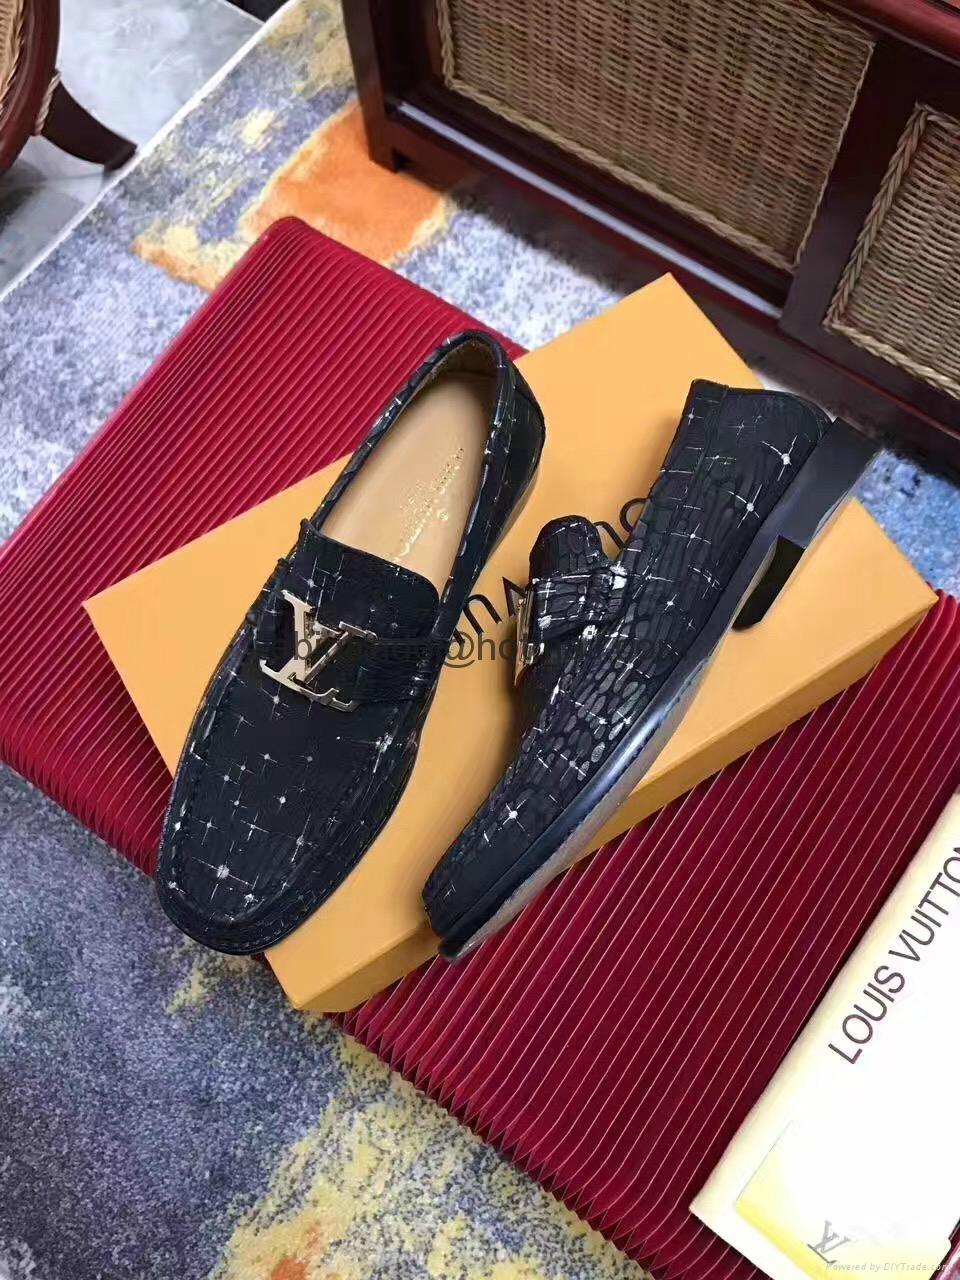 Louis Vuitton leather shoes